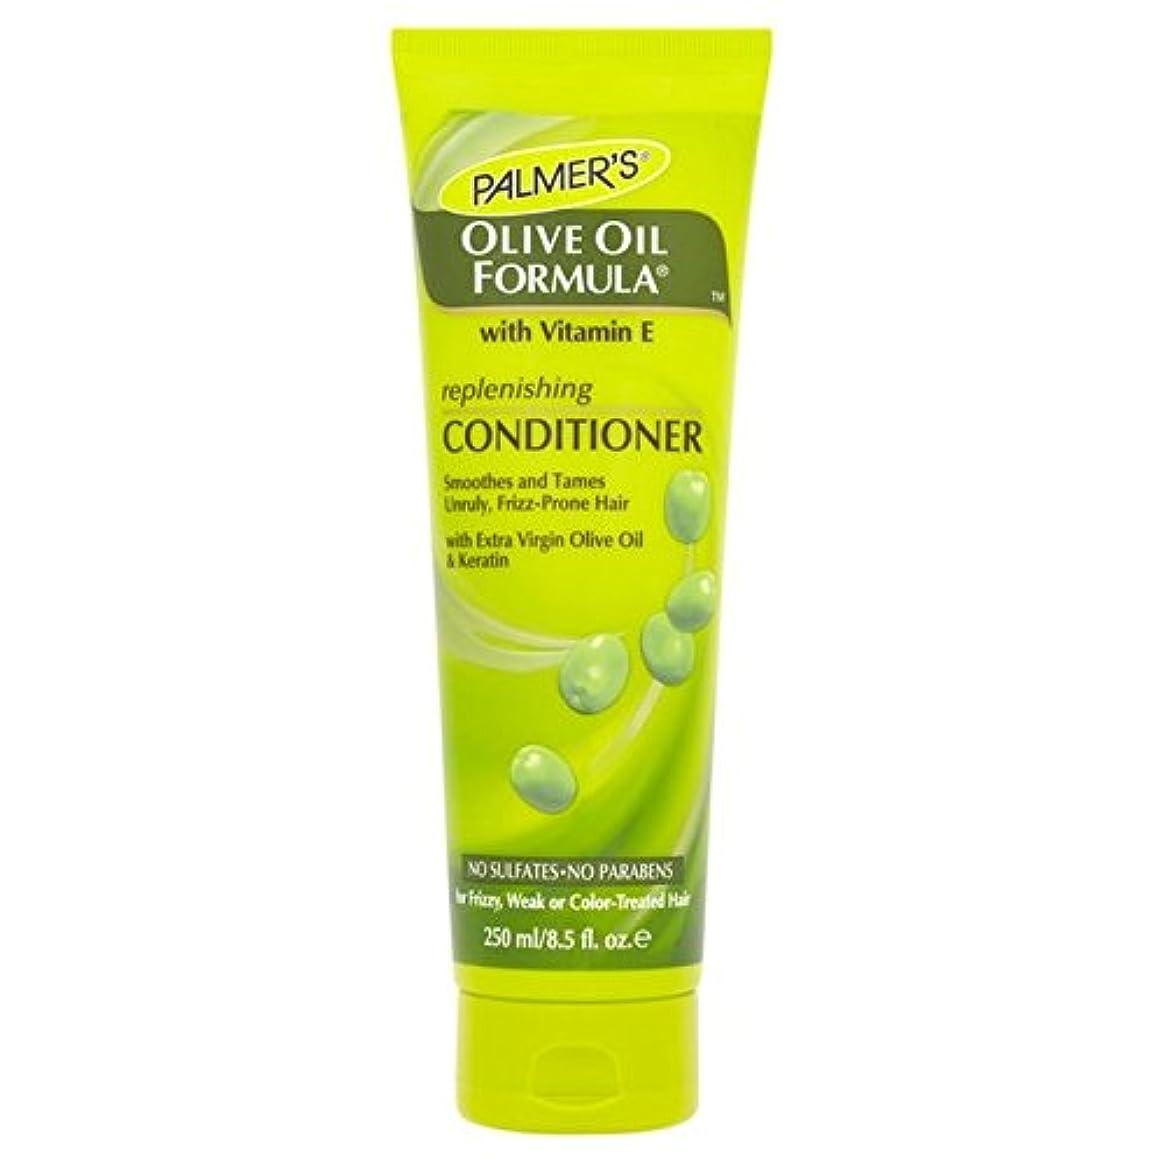 家具期待して有効化Palmer's Olive Oil Formula Restoring Conditioner 250ml - パーマーのオリーブオイル式リストアコンディショナー250 [並行輸入品]